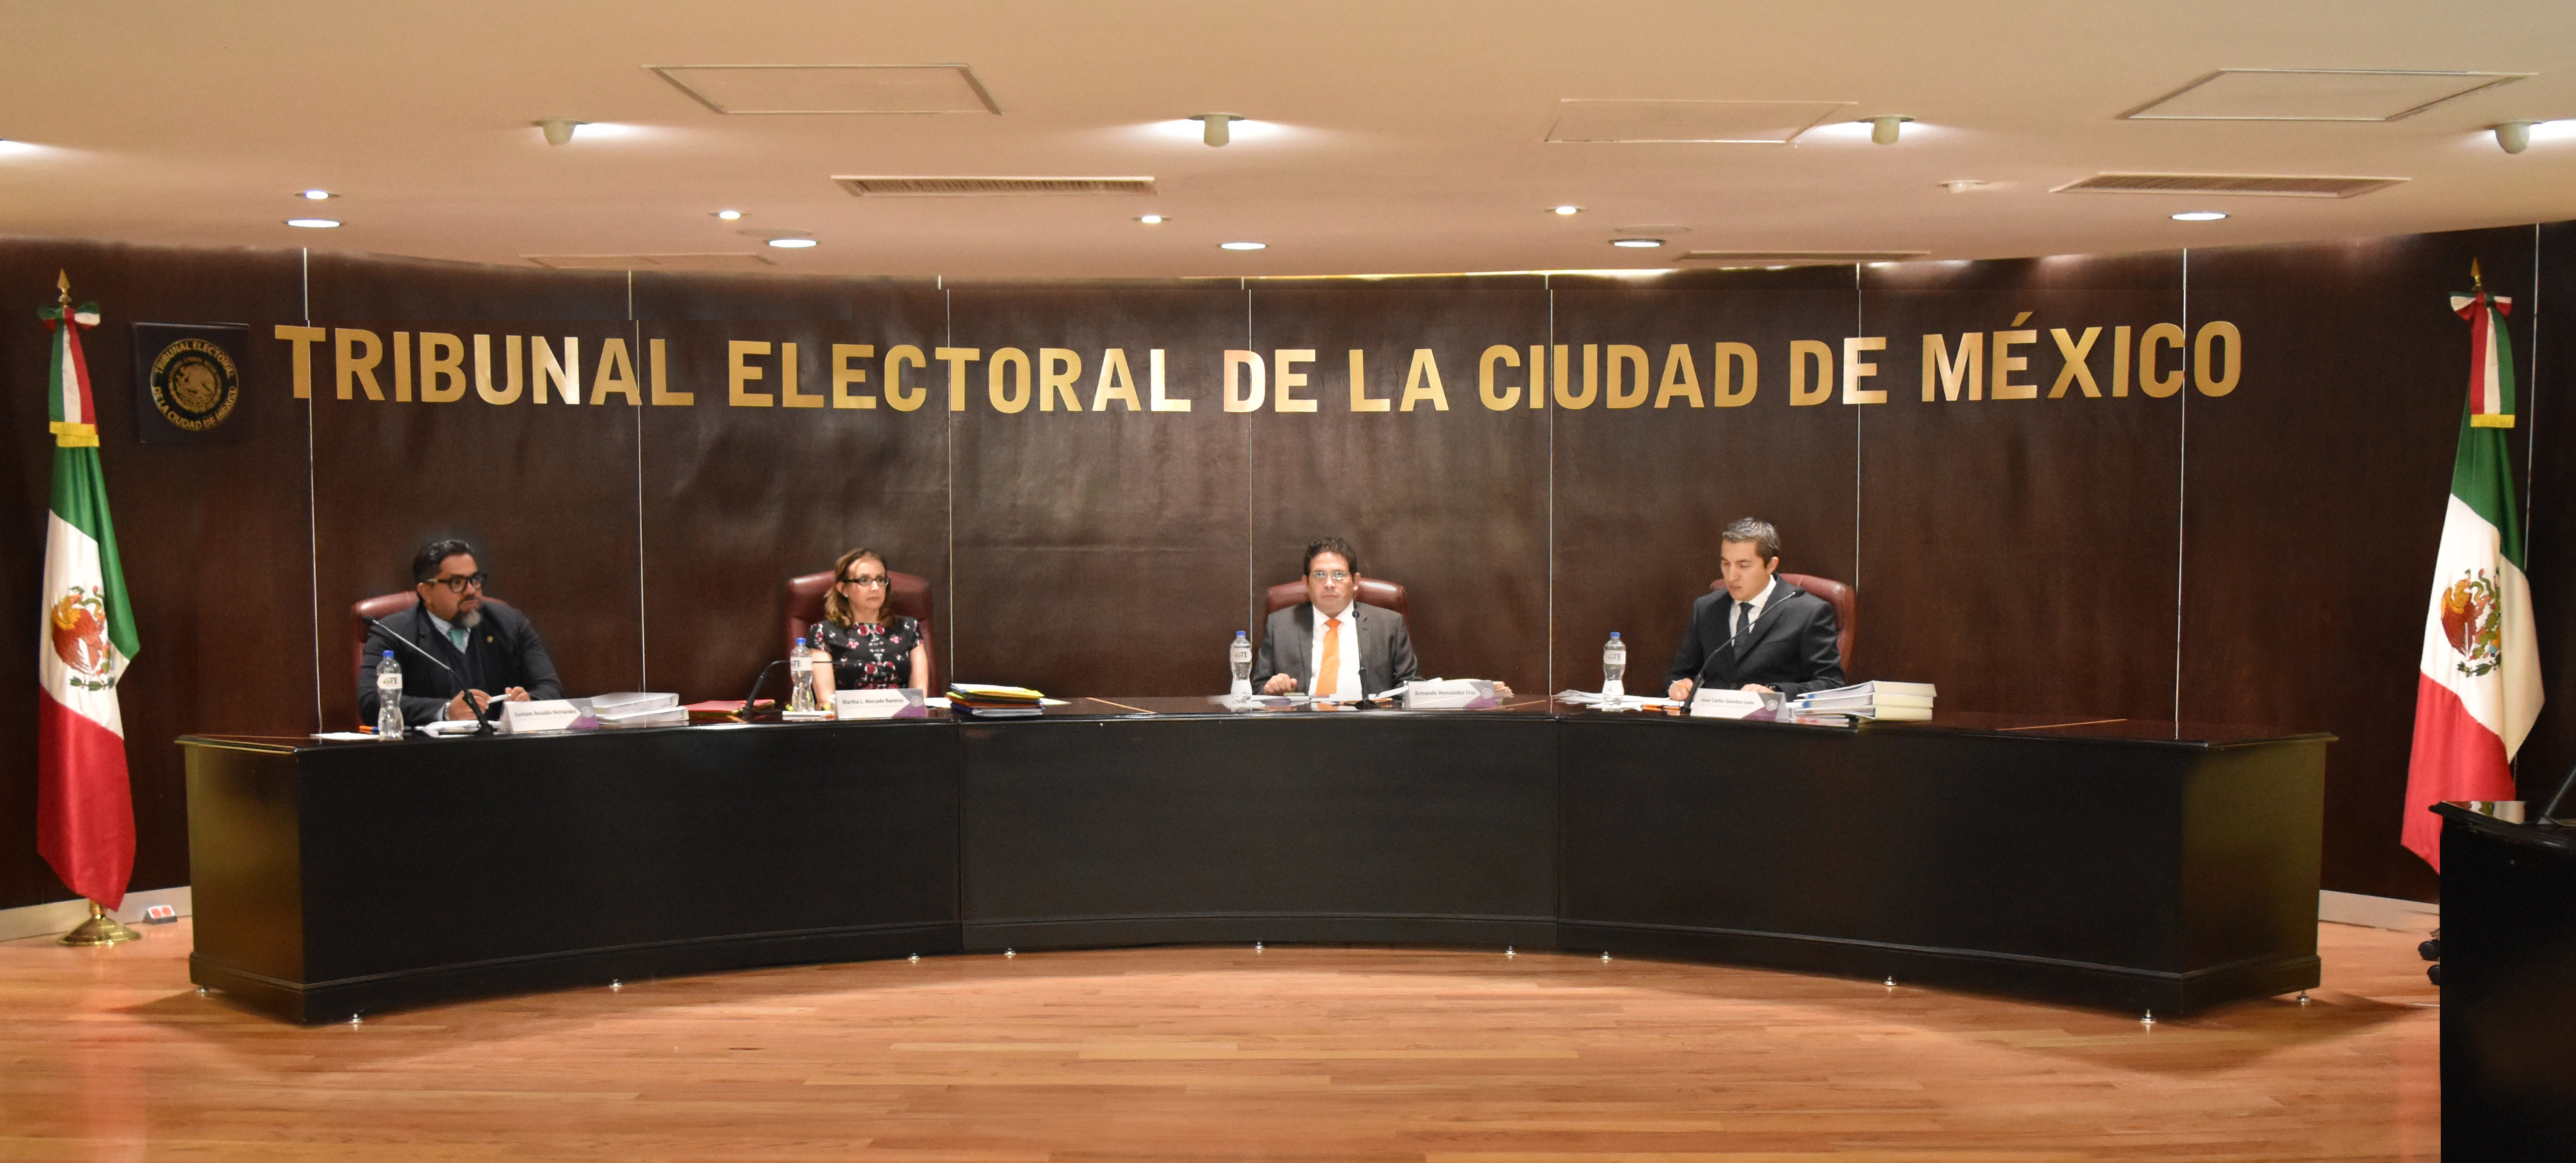 Resuelve el Pleno del TECDMX Procedimientos Especiales Sancionadores promovidos por Mikel Arriola, Morena y Margarita Fisher